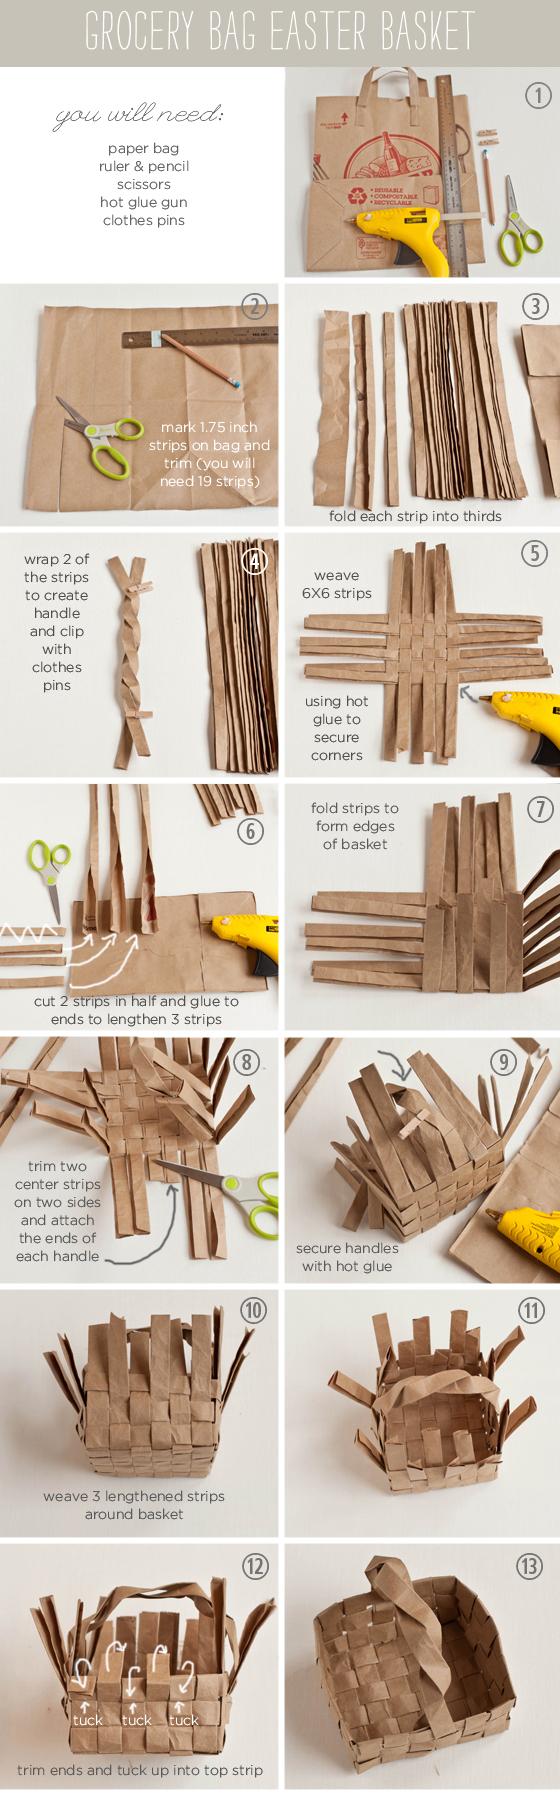 Корзинка из бумаги как сделать корзинку из бумаги шаблоны